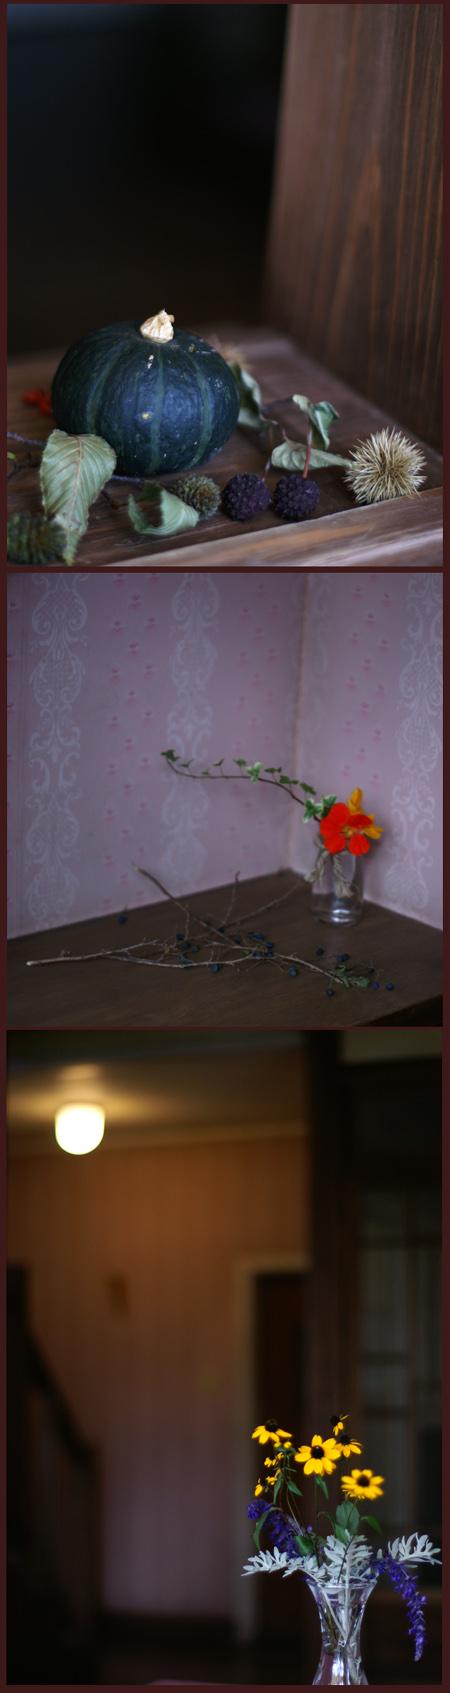 おばあちゃんの家の中1